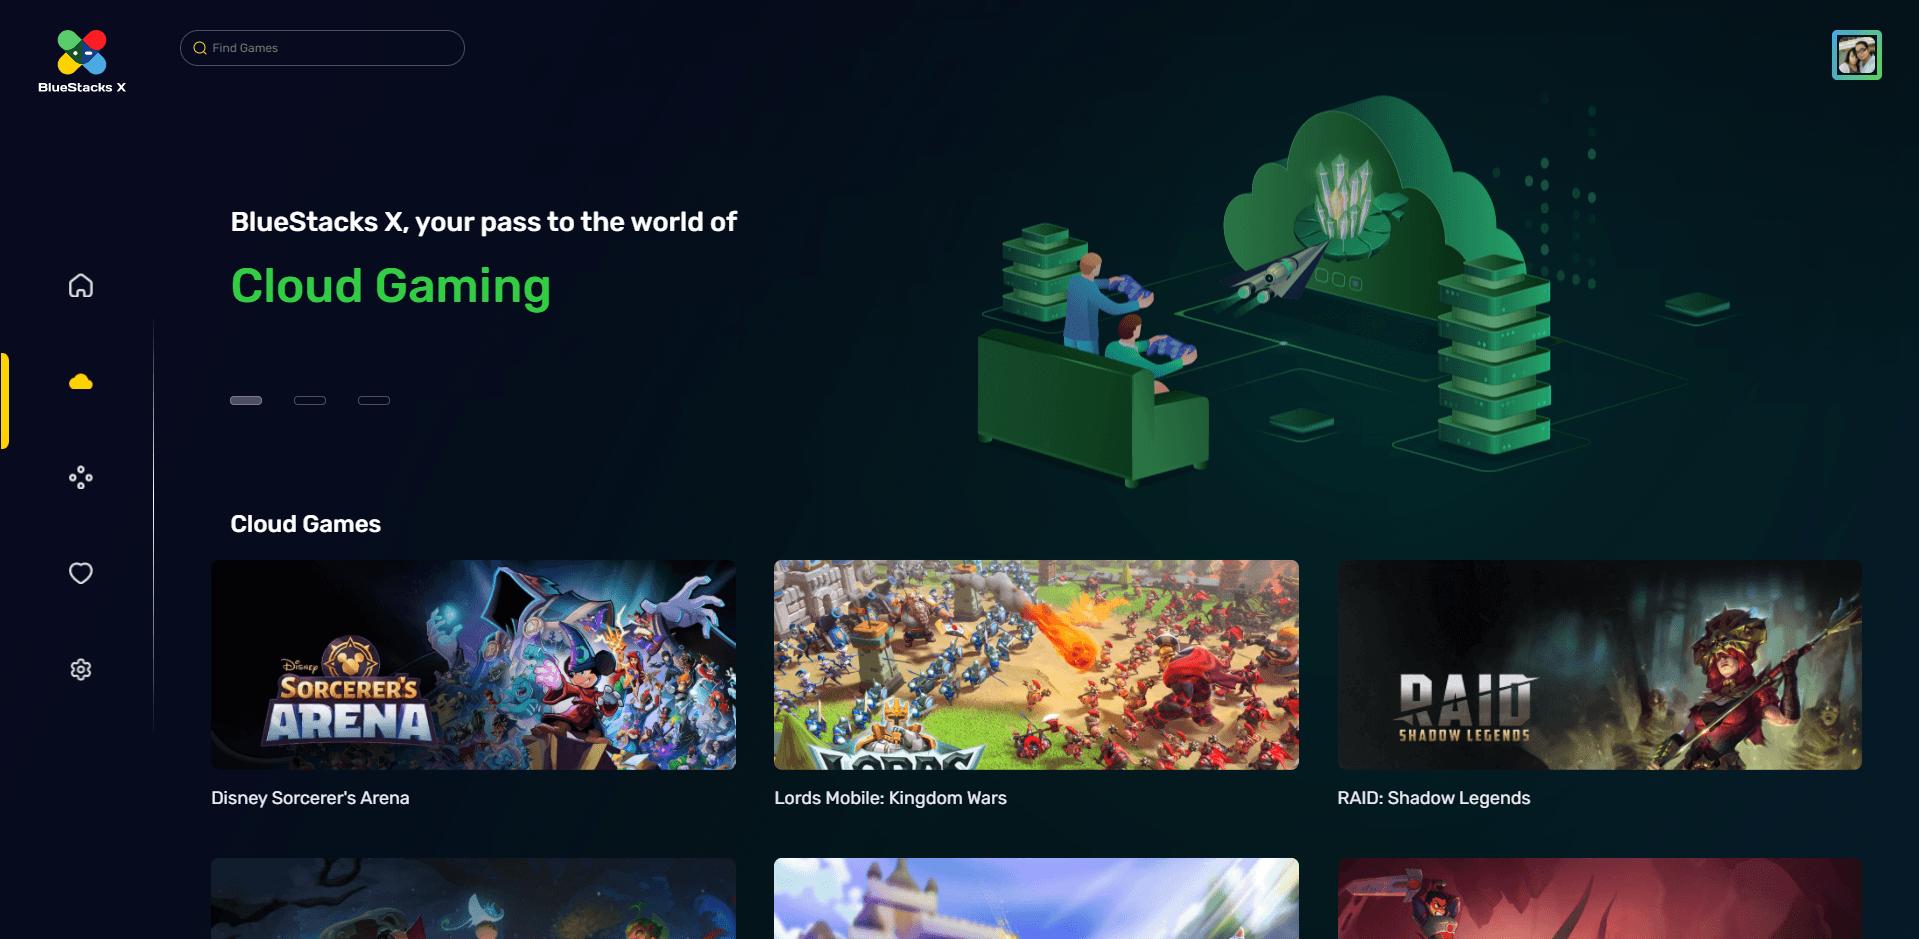 O que é BlueStacks X? O que é Cloud Gaming? Quem pode jogar?